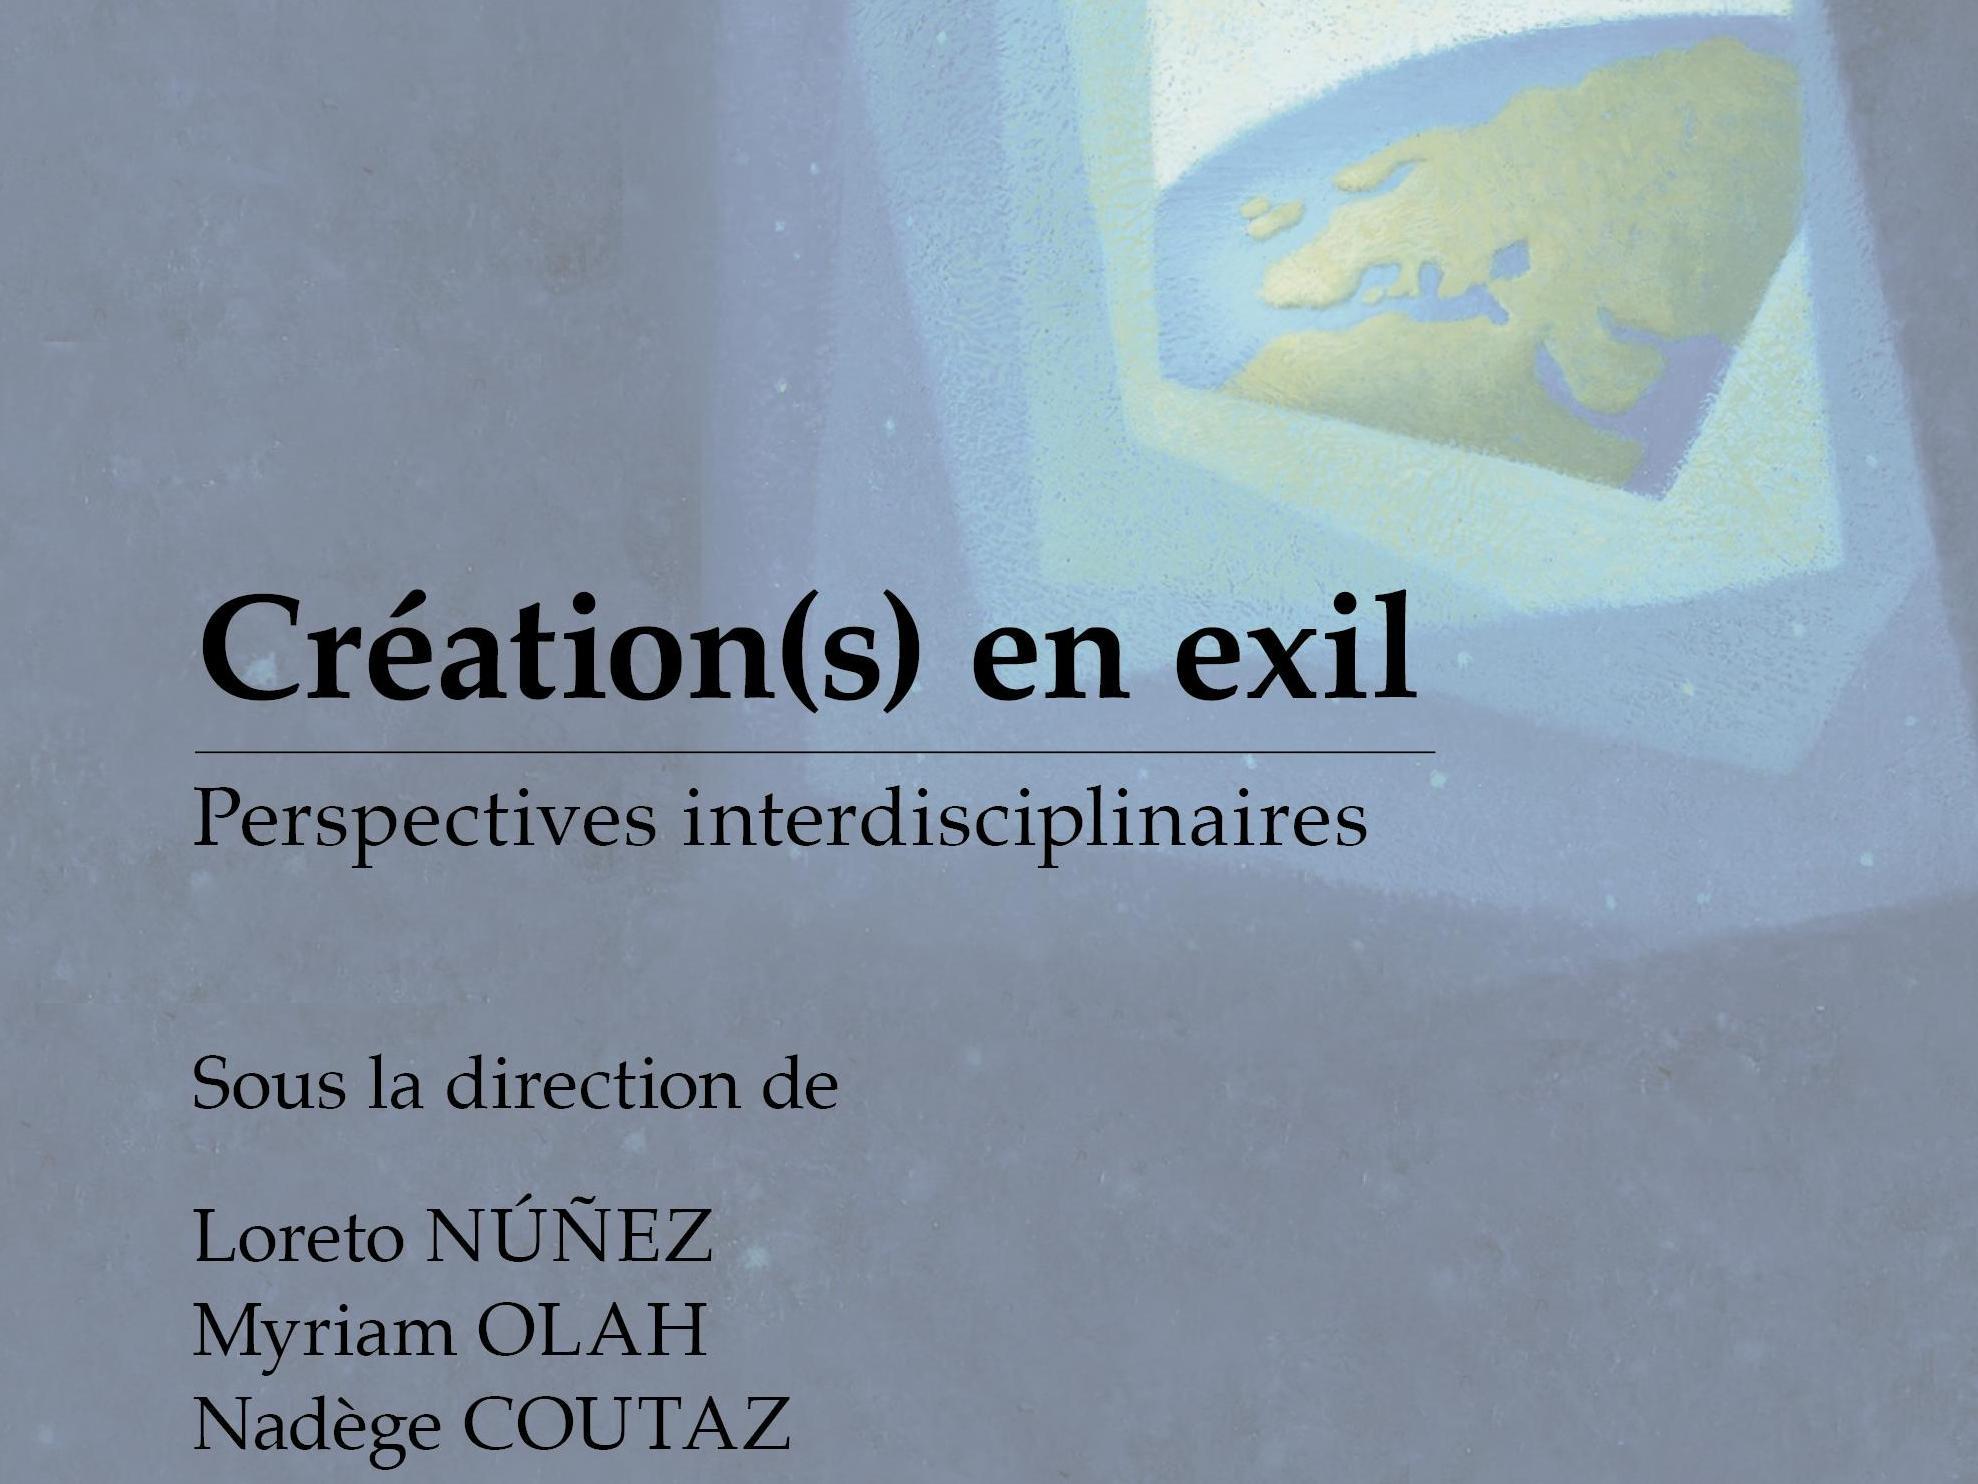 Nouvelle publication - Création(s) en exil. Perspectives interdisciplinaires